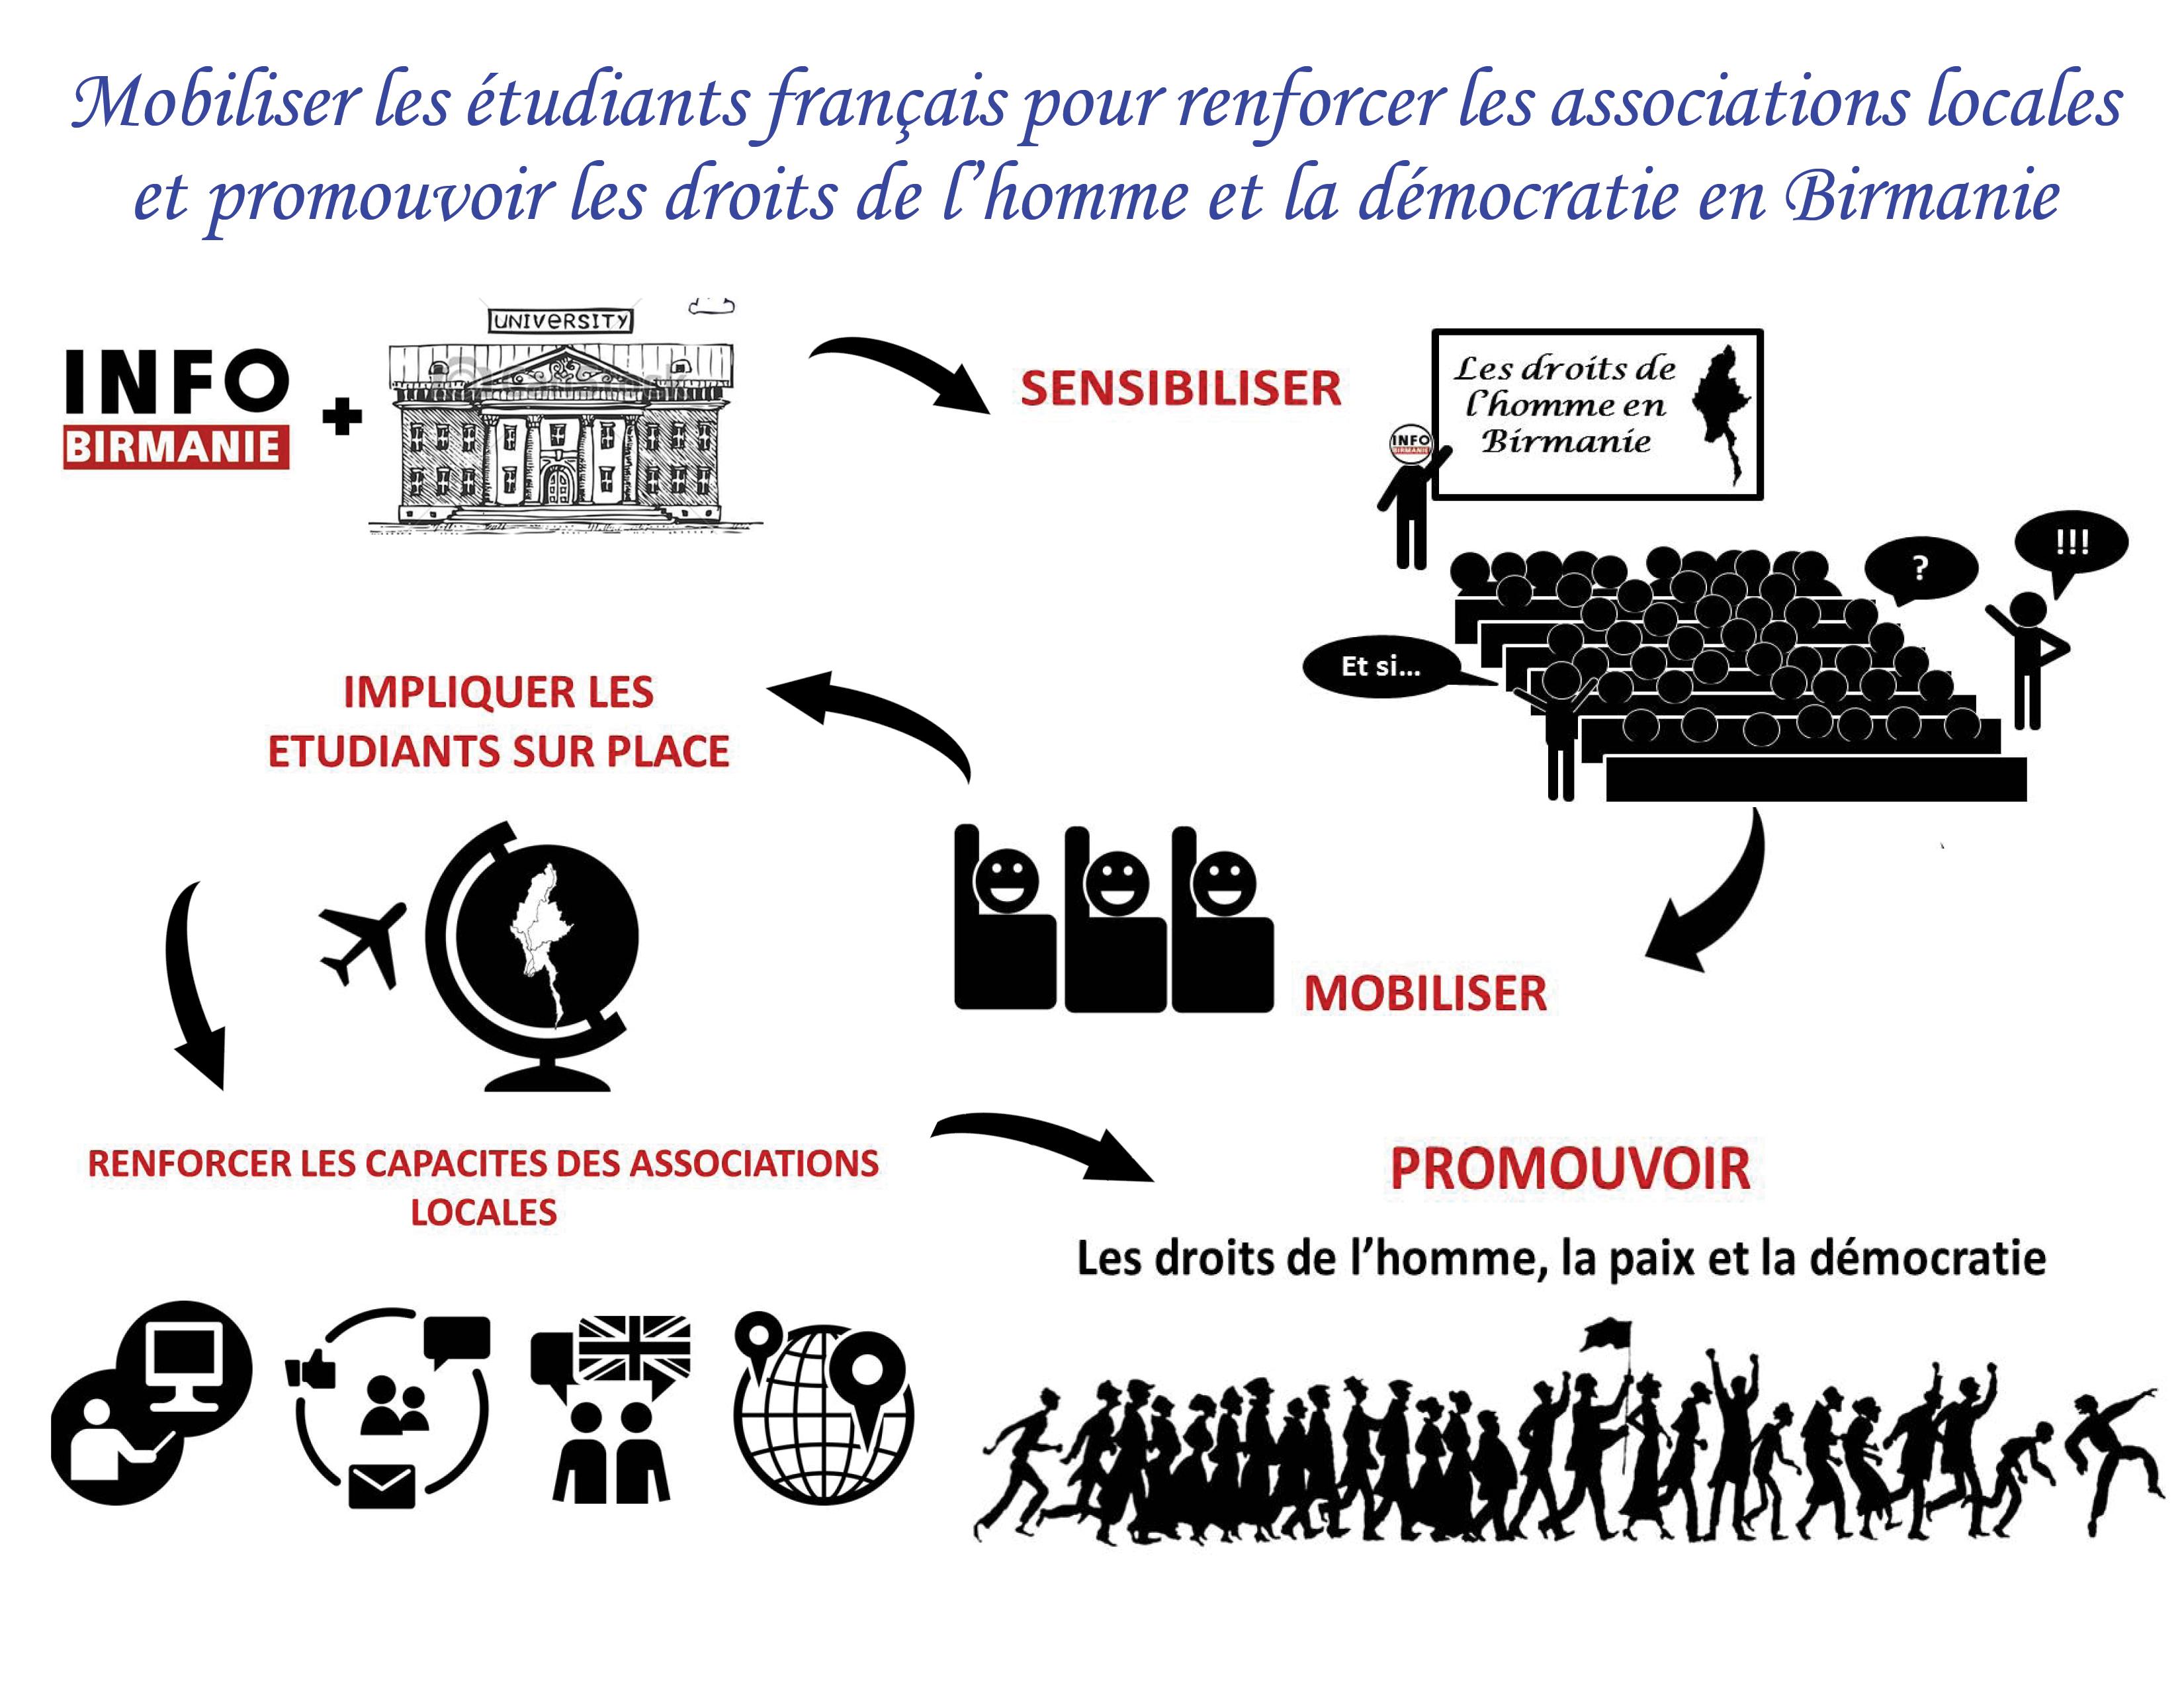 Mobiliser les étudiants français pour renforcer les associations locales et promouvoir les droits de l'homme et la démocratie en Birmanie